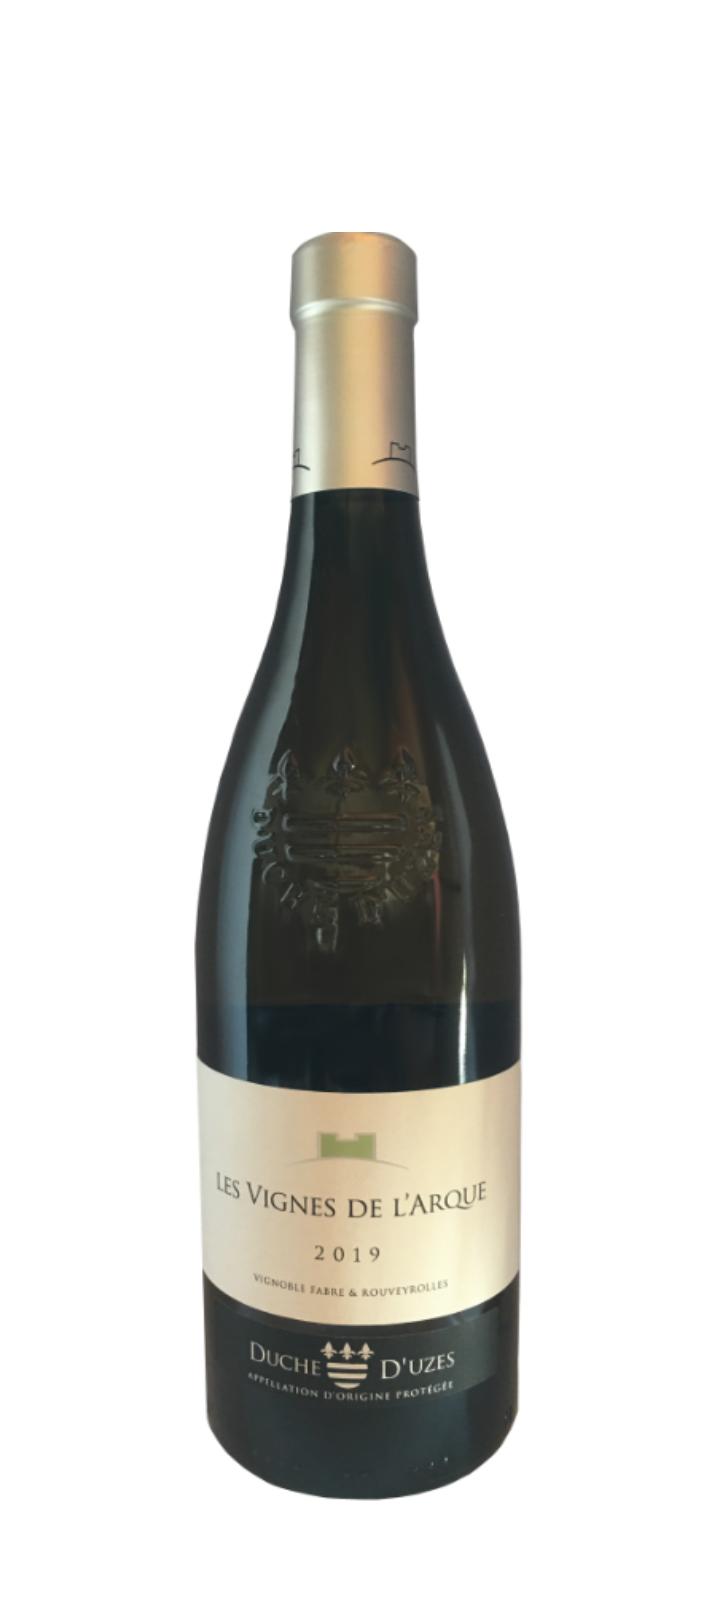 Blanc Duché d'Uzès (Viognier, Grenache blanc et Roussane)  - 2019 - BLANC